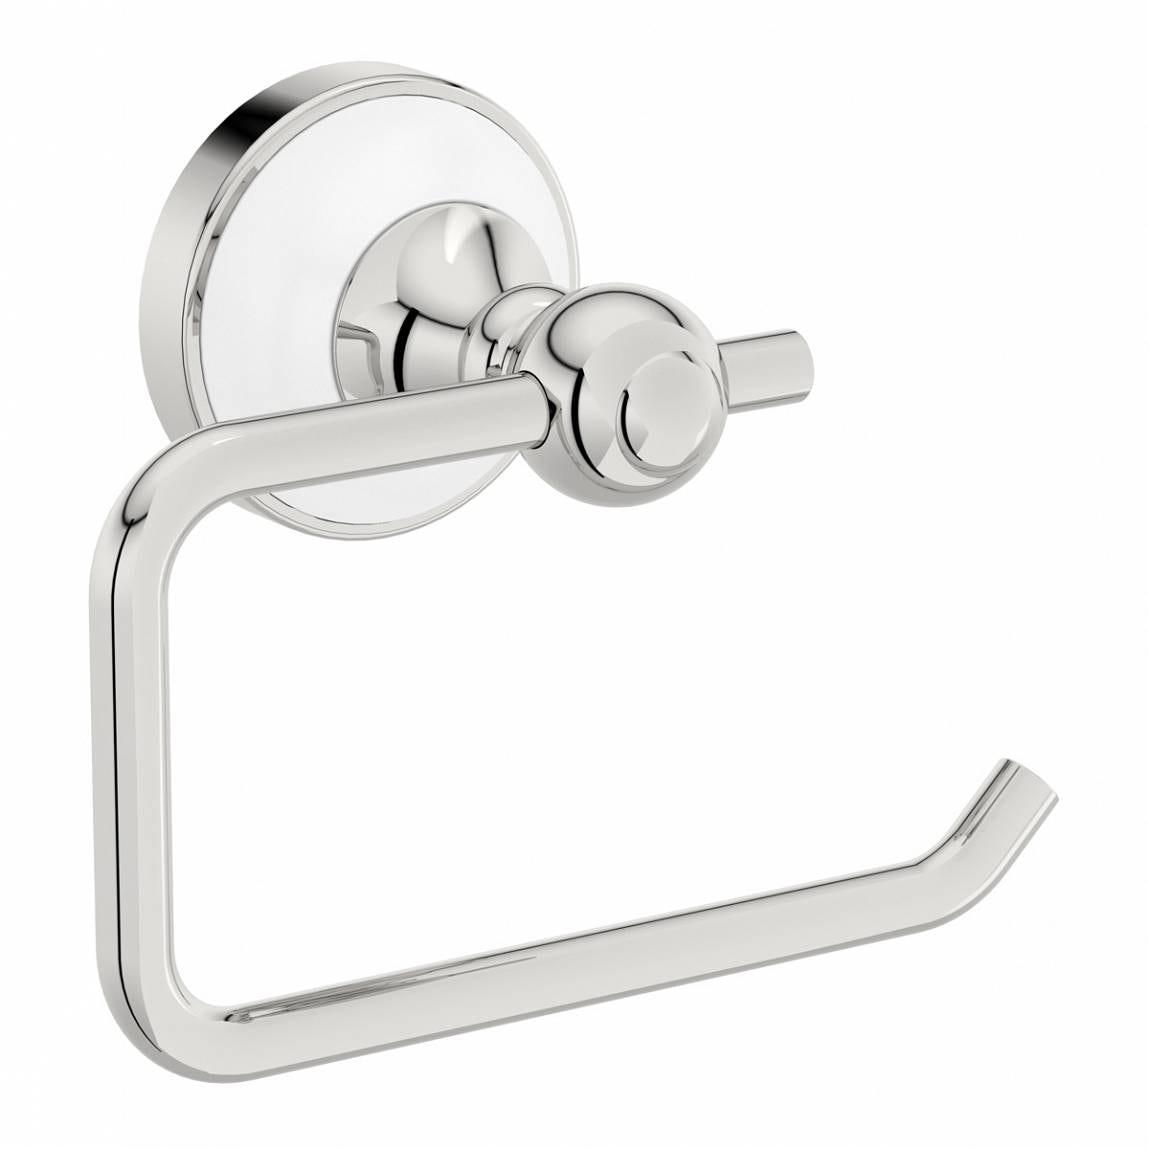 Winchester toilet roll holder Glass toilet roll holder